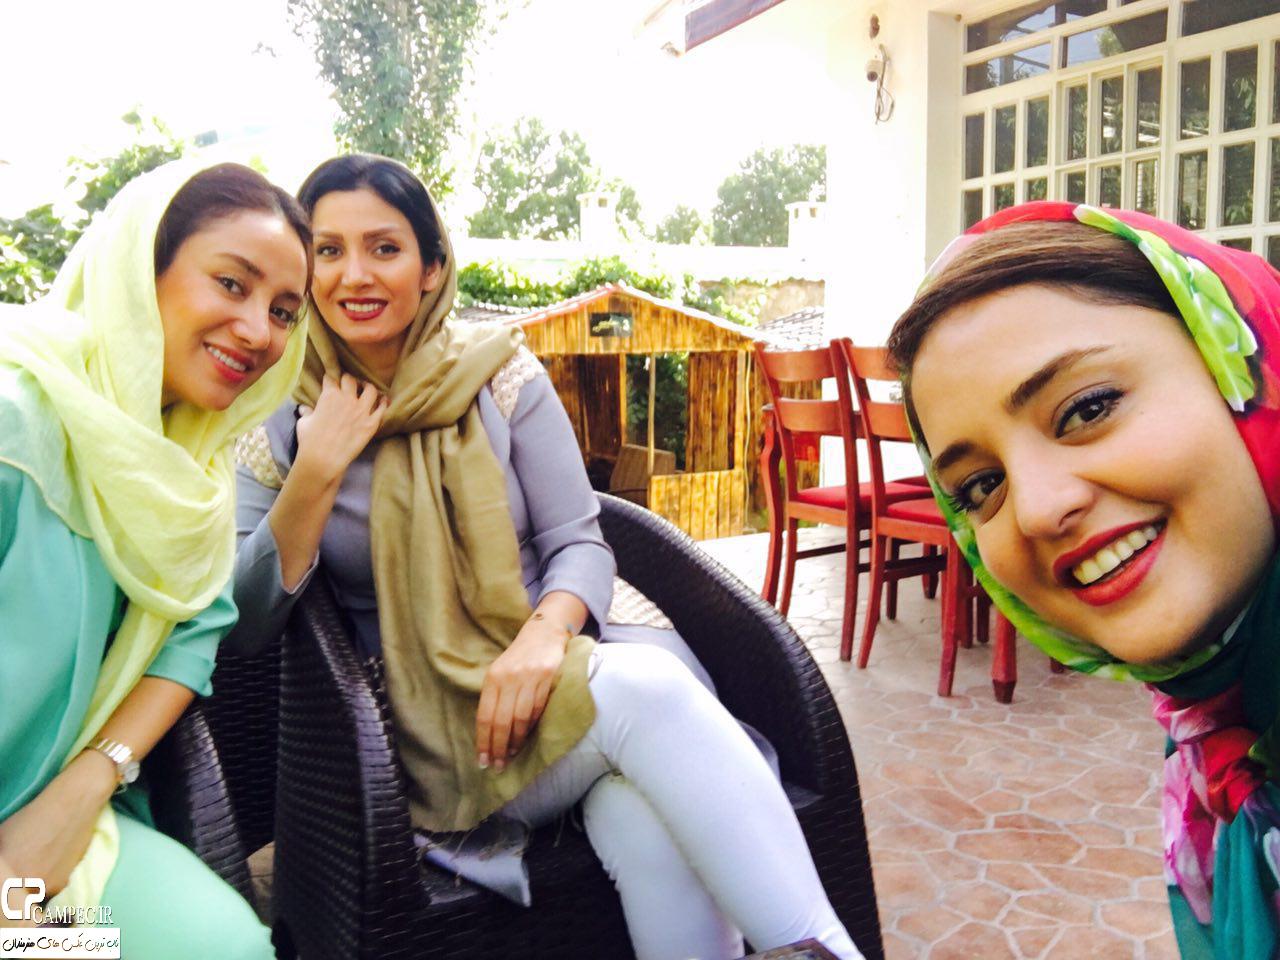 بهاره افشاری و نرگس محمدی در کافه رستوران